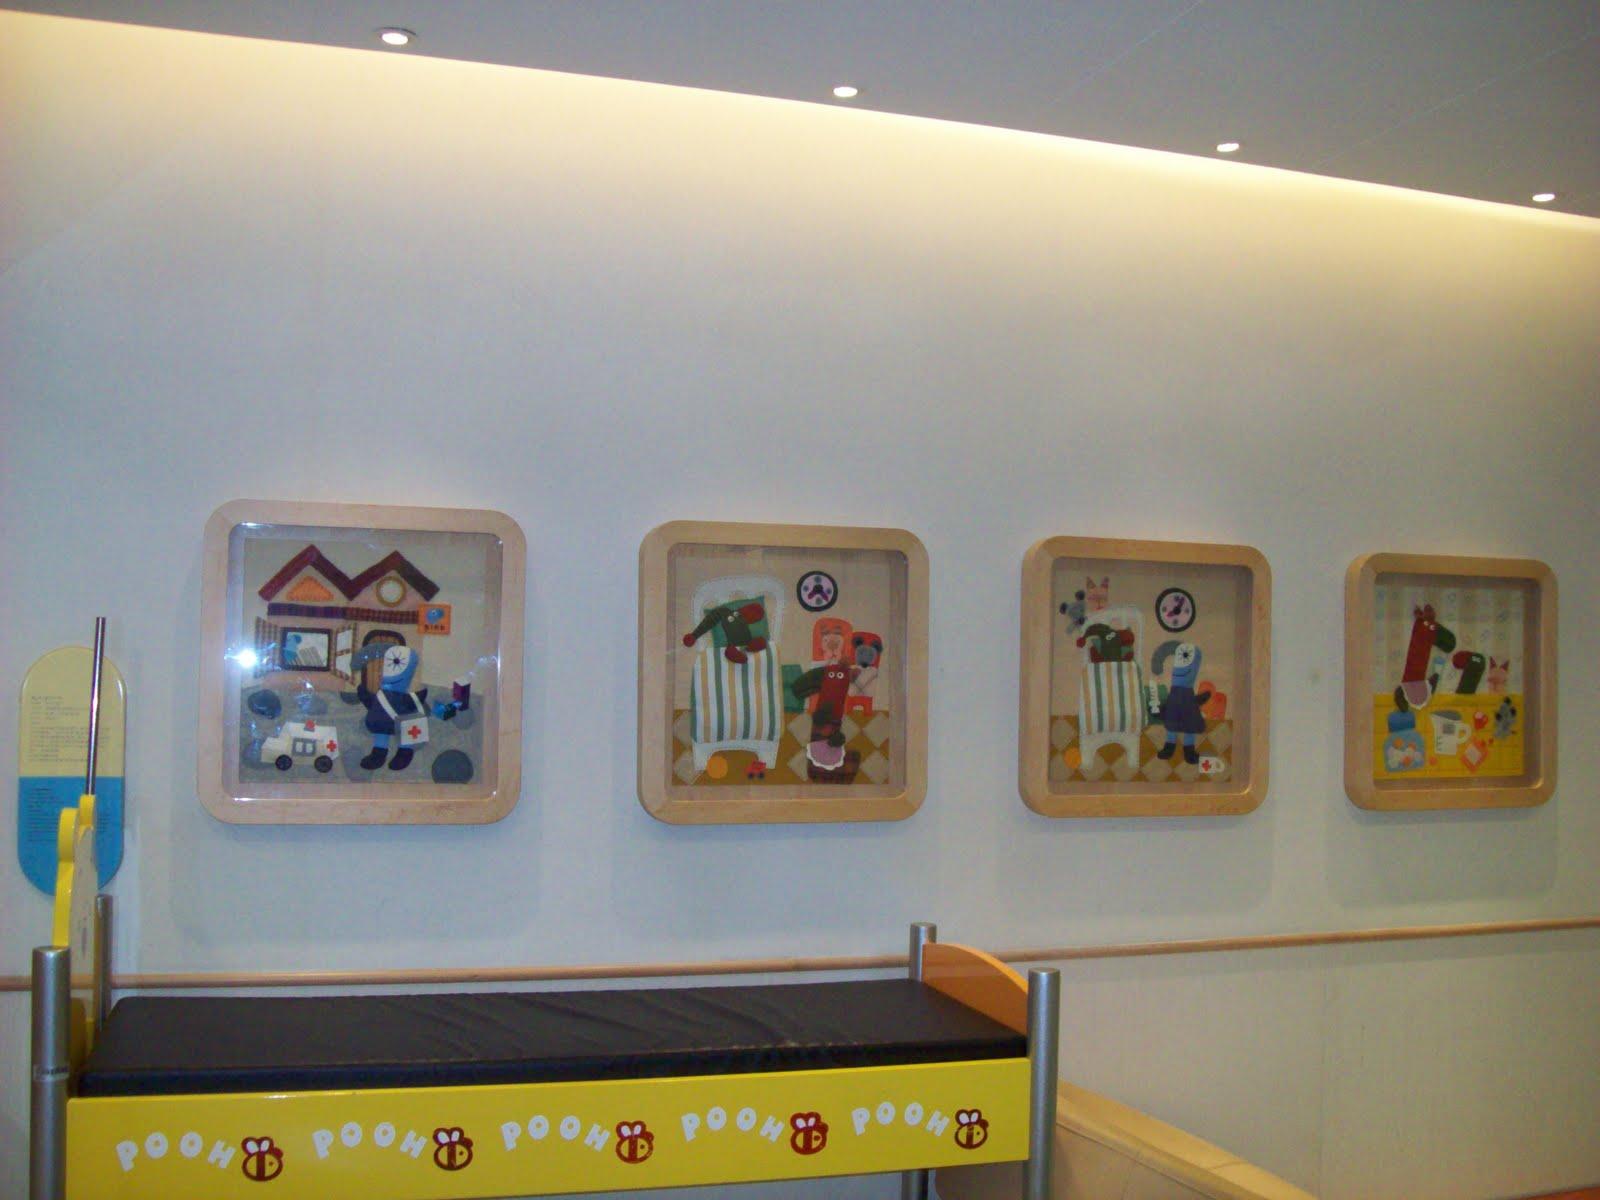 臺大醫院兒童眼科|兒童- 臺大醫院兒童眼科|兒童 - 快熱資訊 - 走進時代